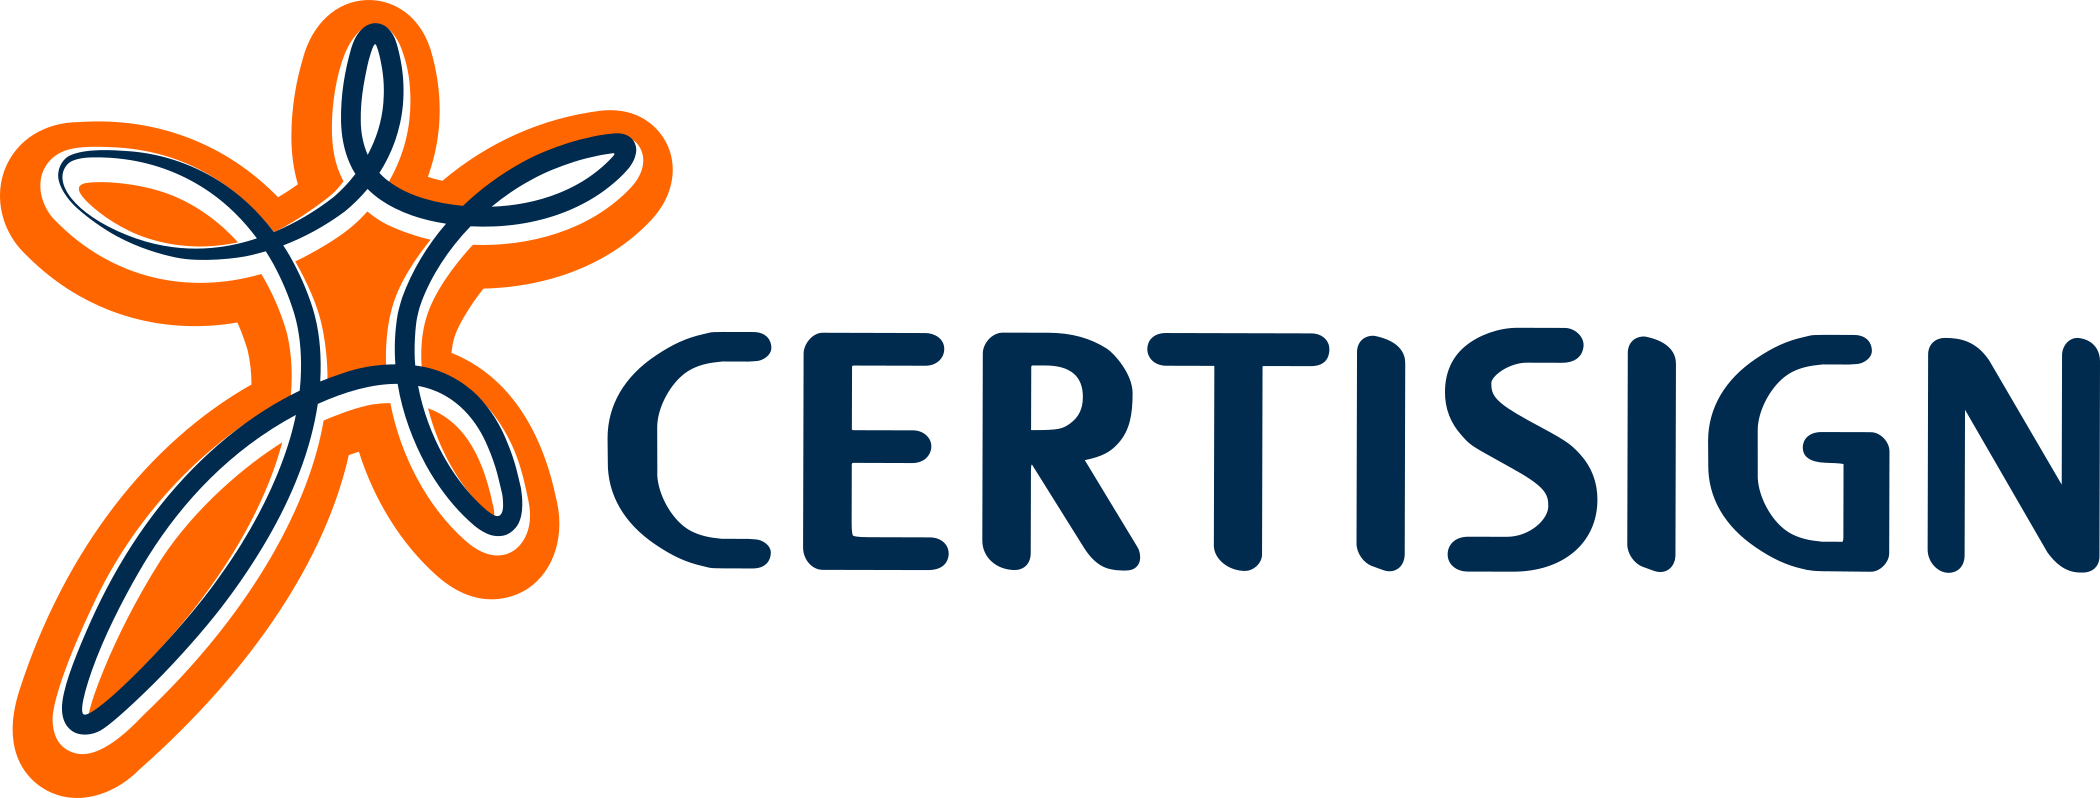 certisign-logo-2